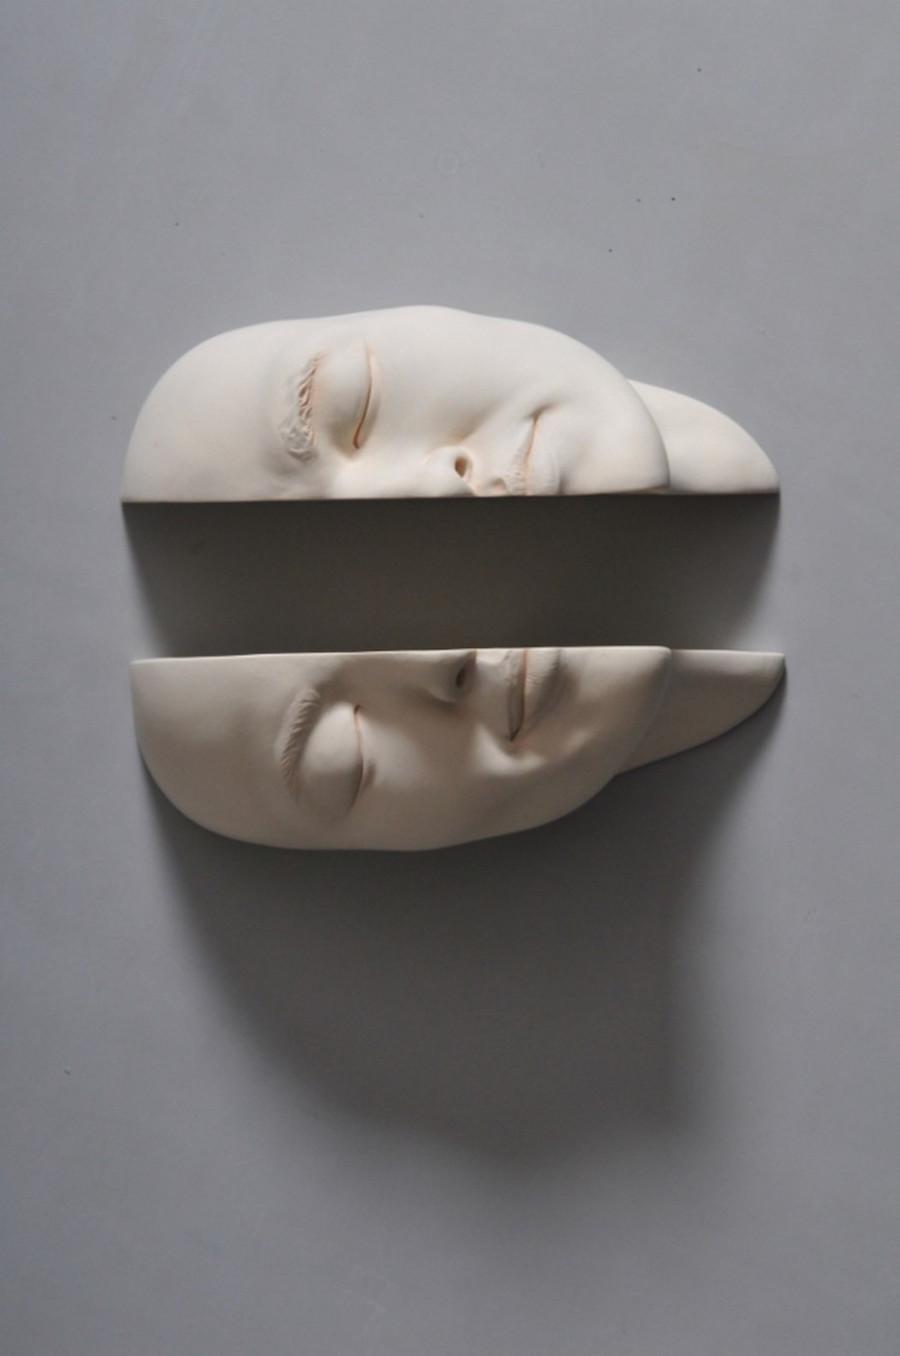 Minti deschise: Sculpturi suprarealiste din portelan - Poza 11